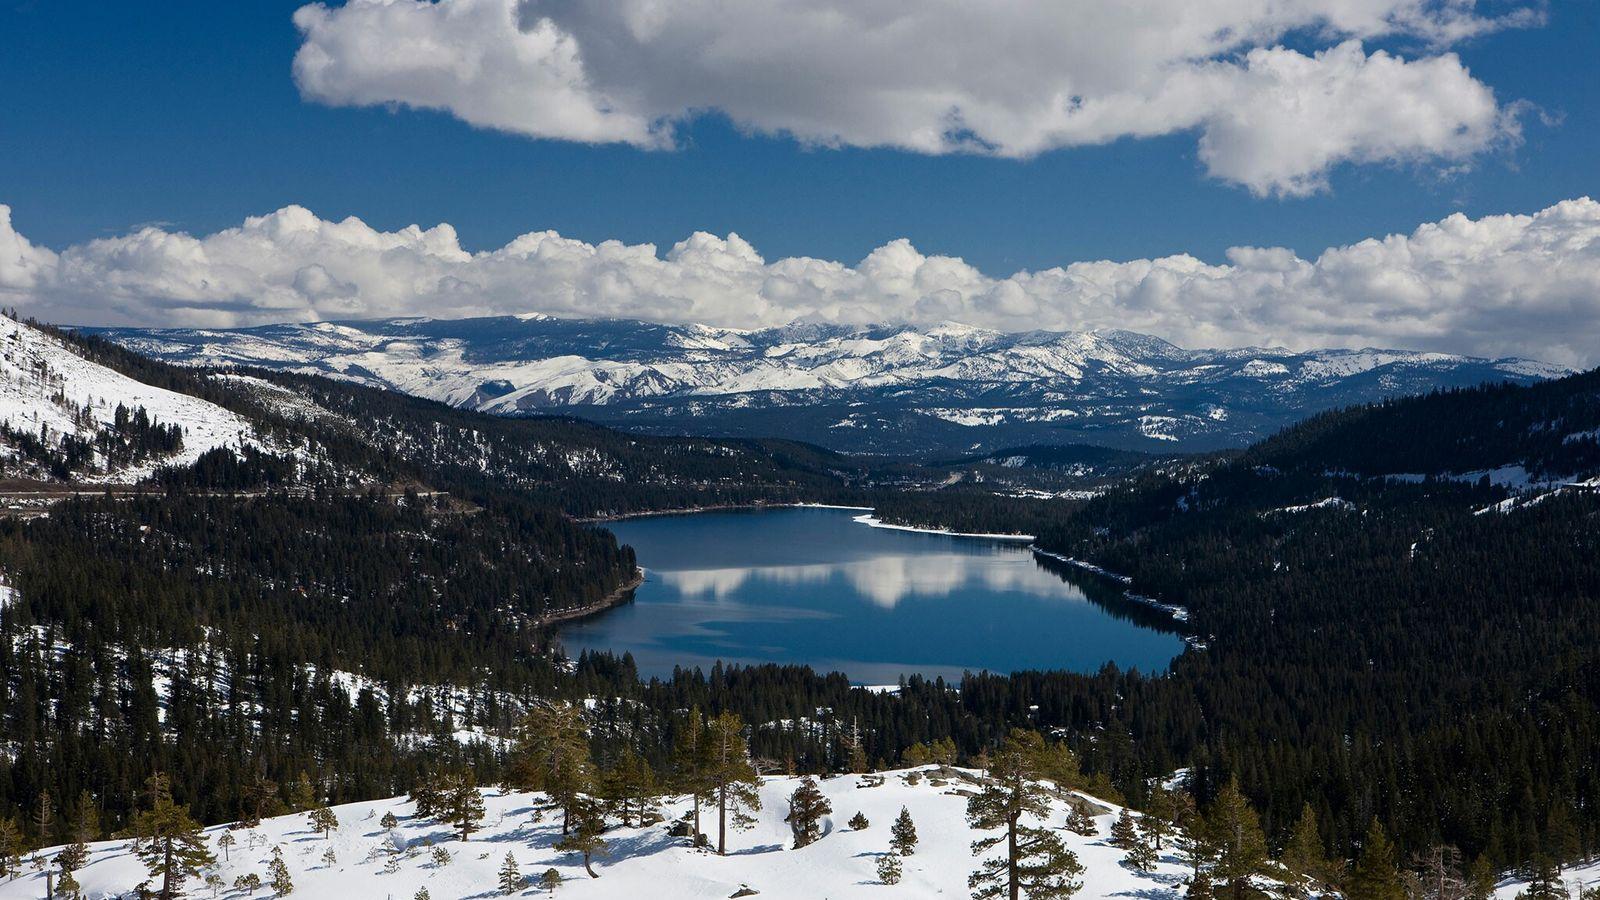 Der kalifornische Donner Lake erhielt seinen Namen von der Donner Party, deren Mitglieder 1846 in der ...